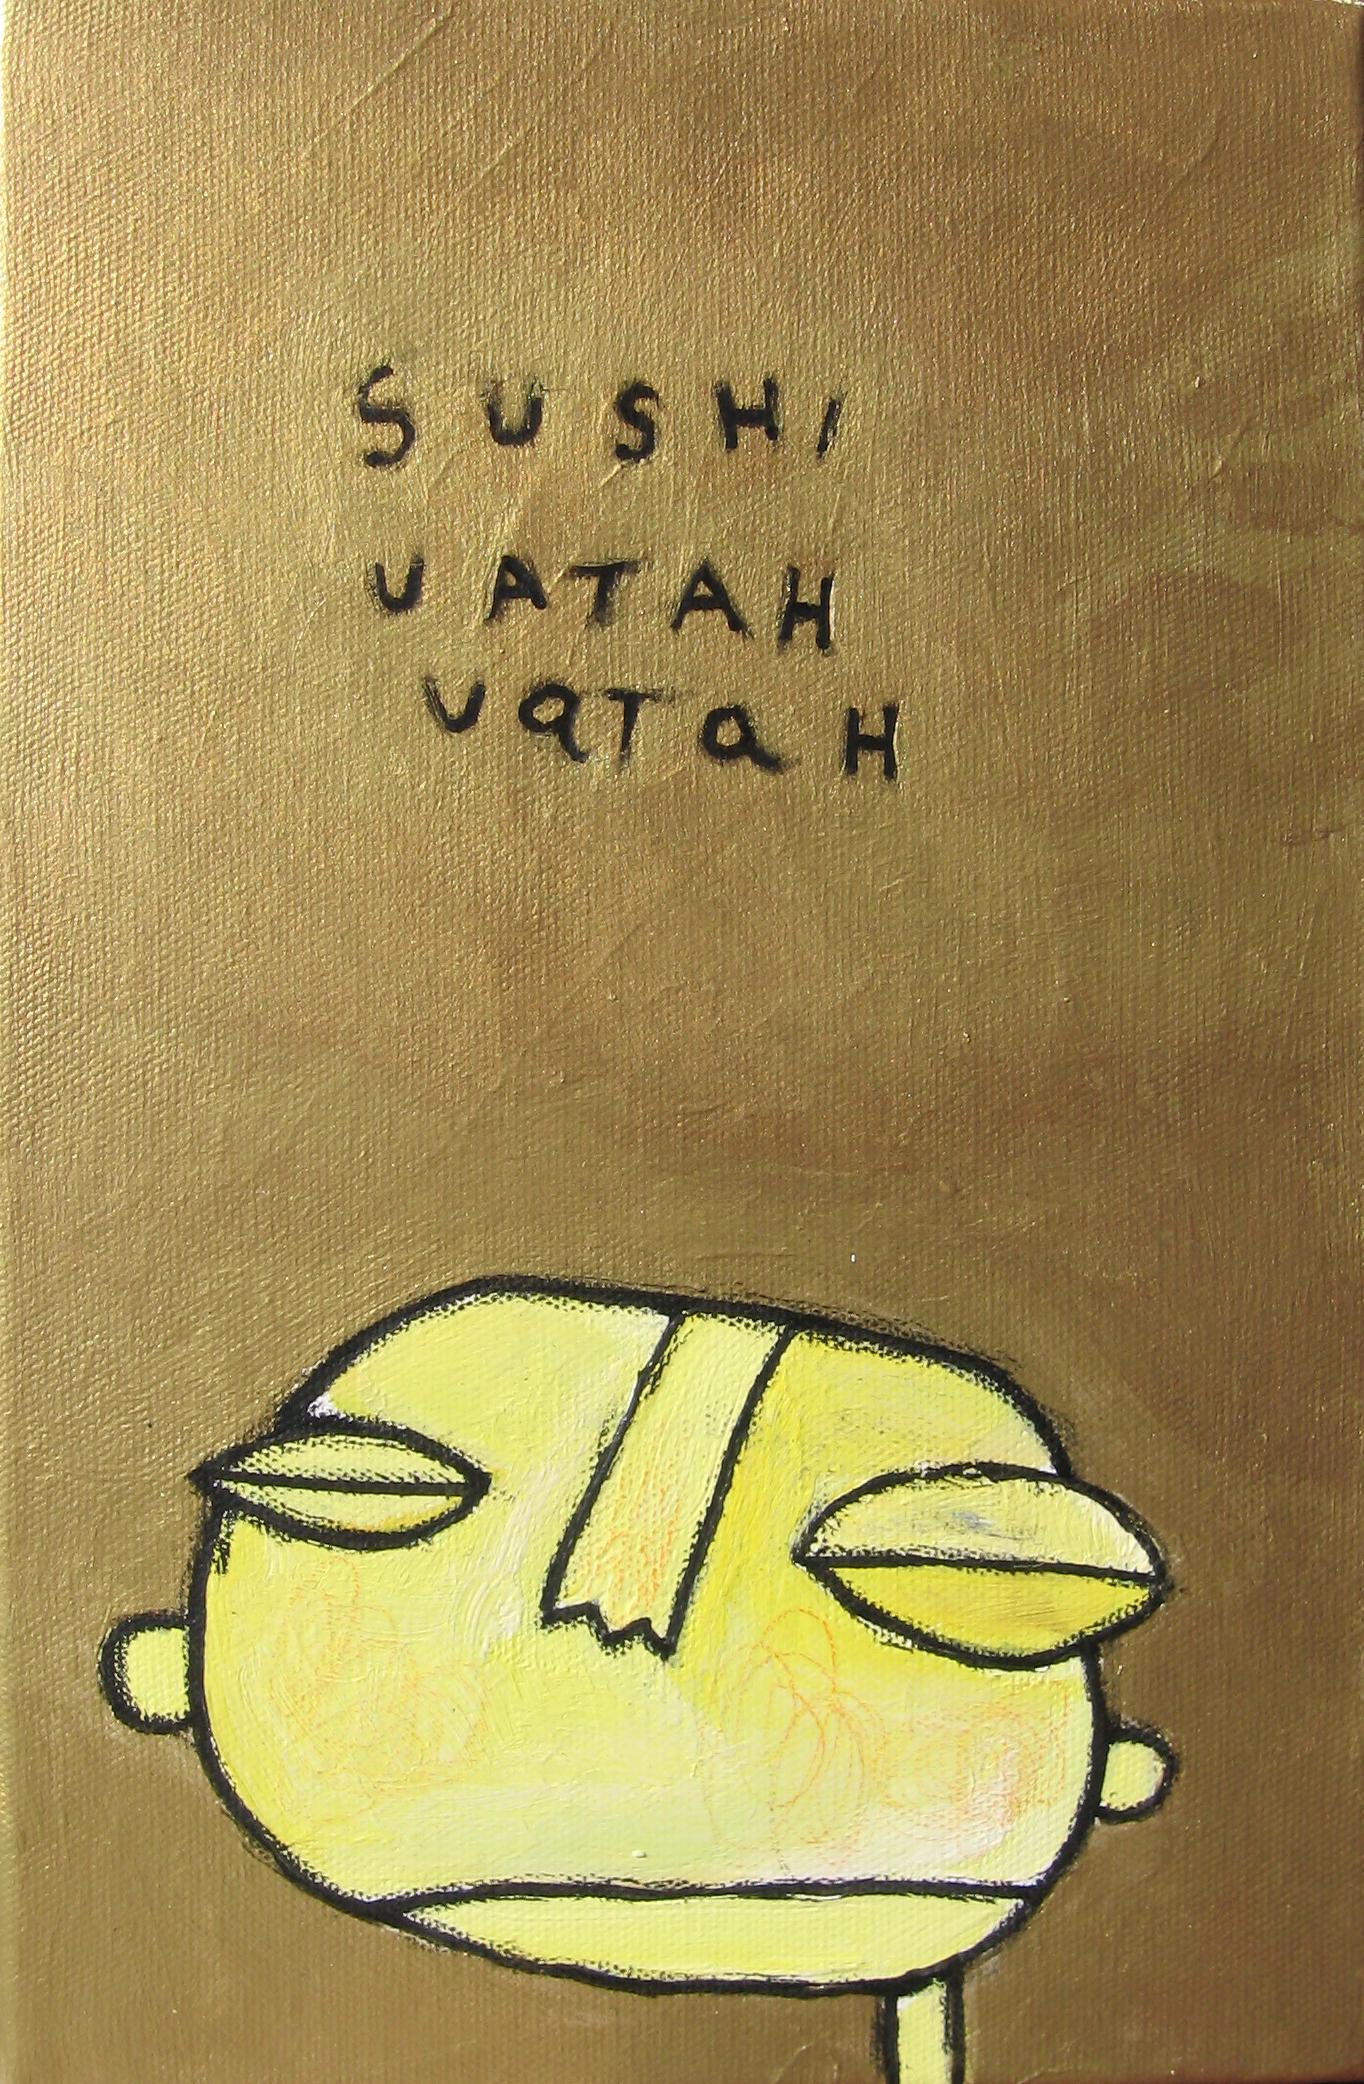 Sushi uatha uatha